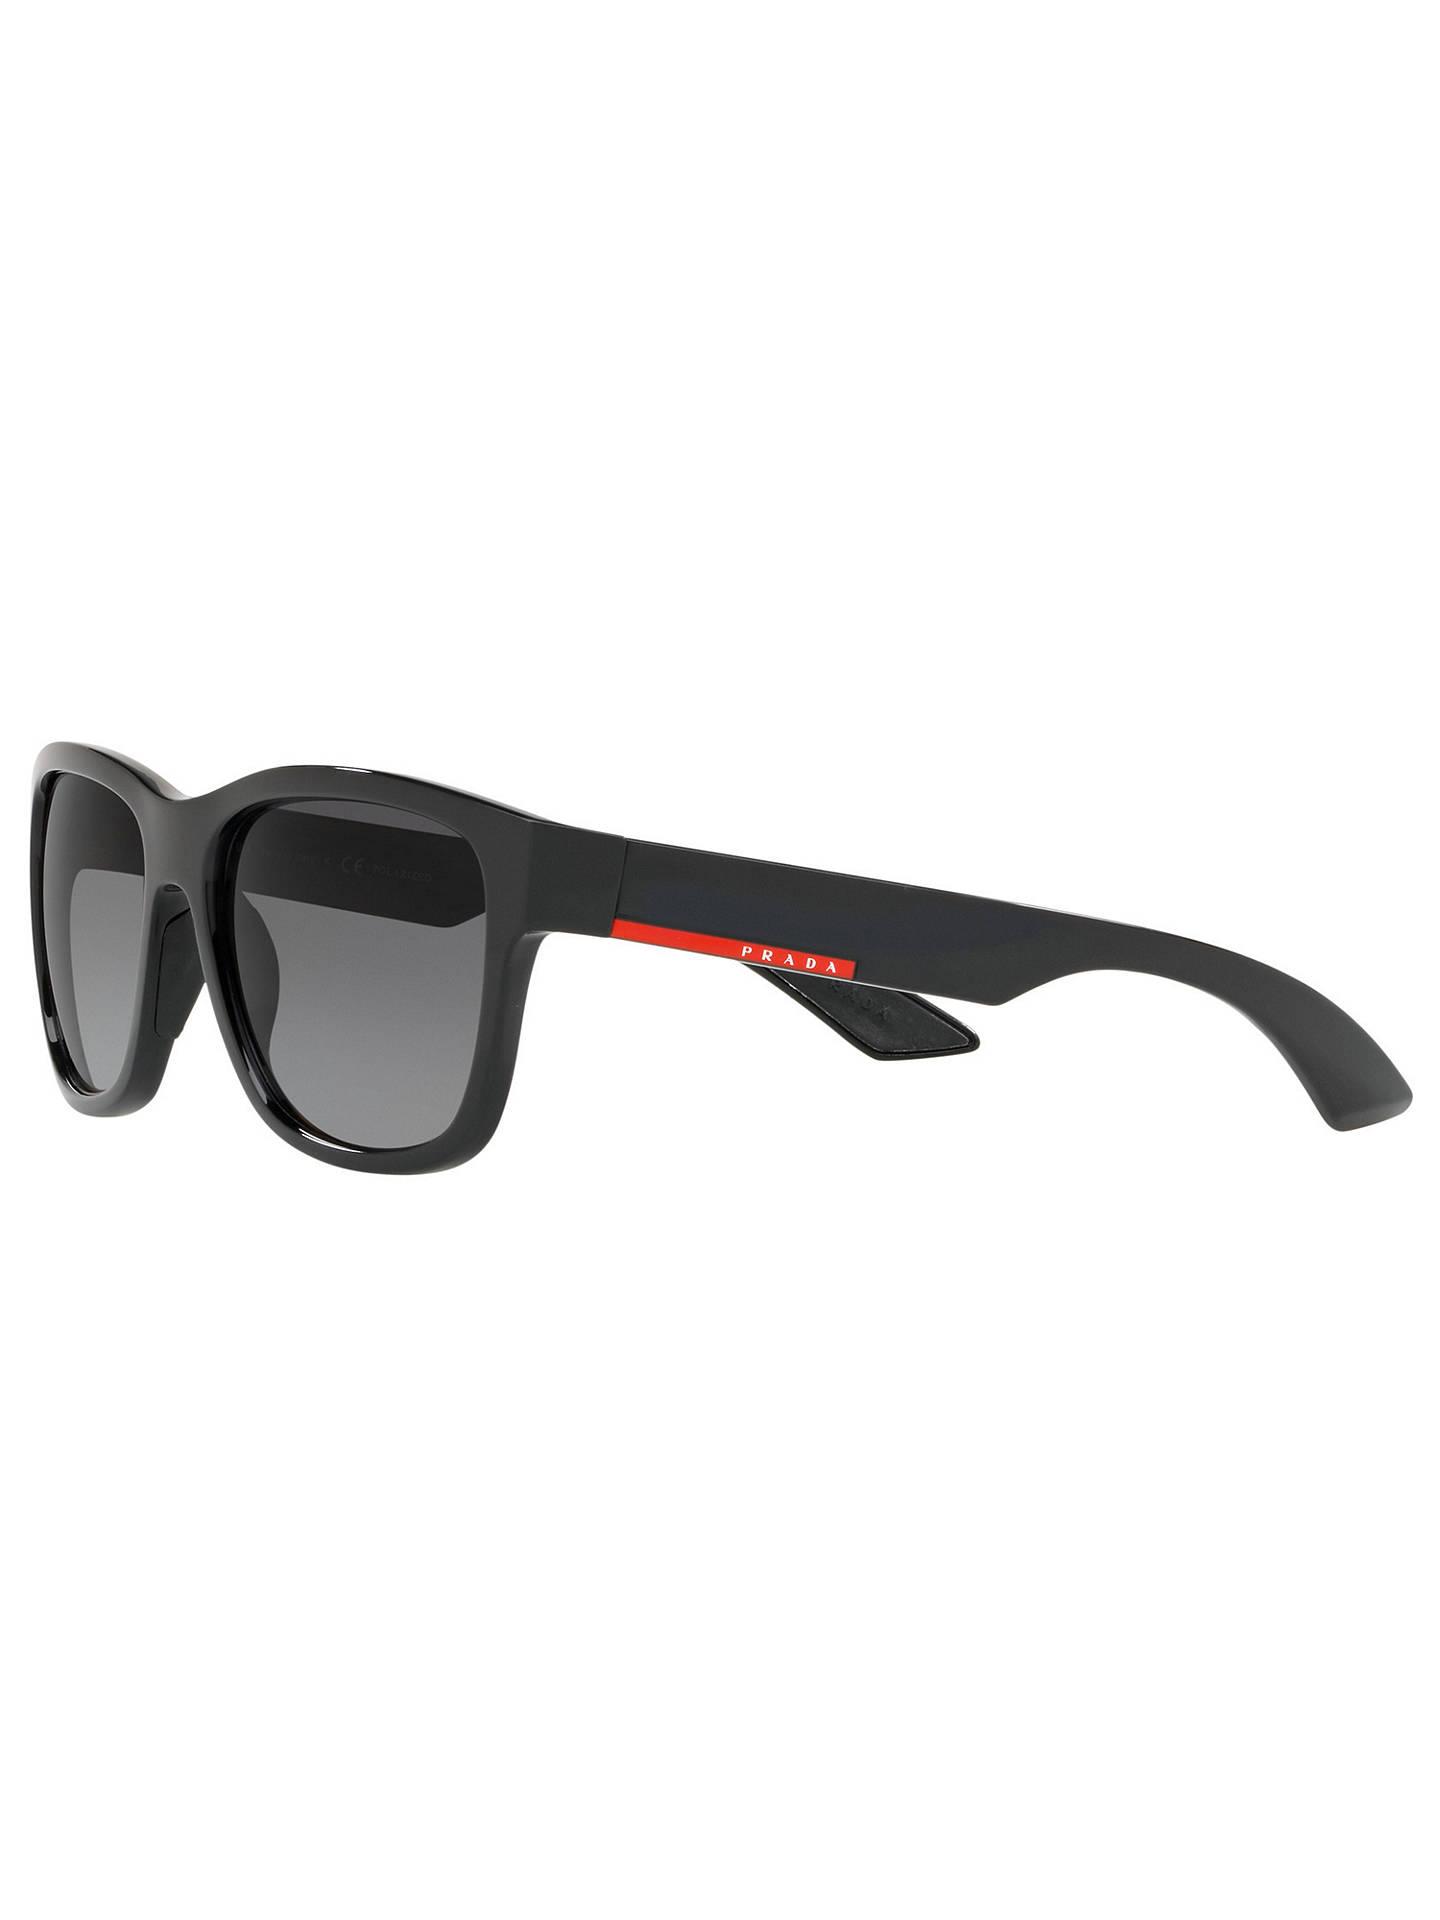 3ab09477e9 ... BuyPrada PS03QS Men s Rectangular Sunglasses